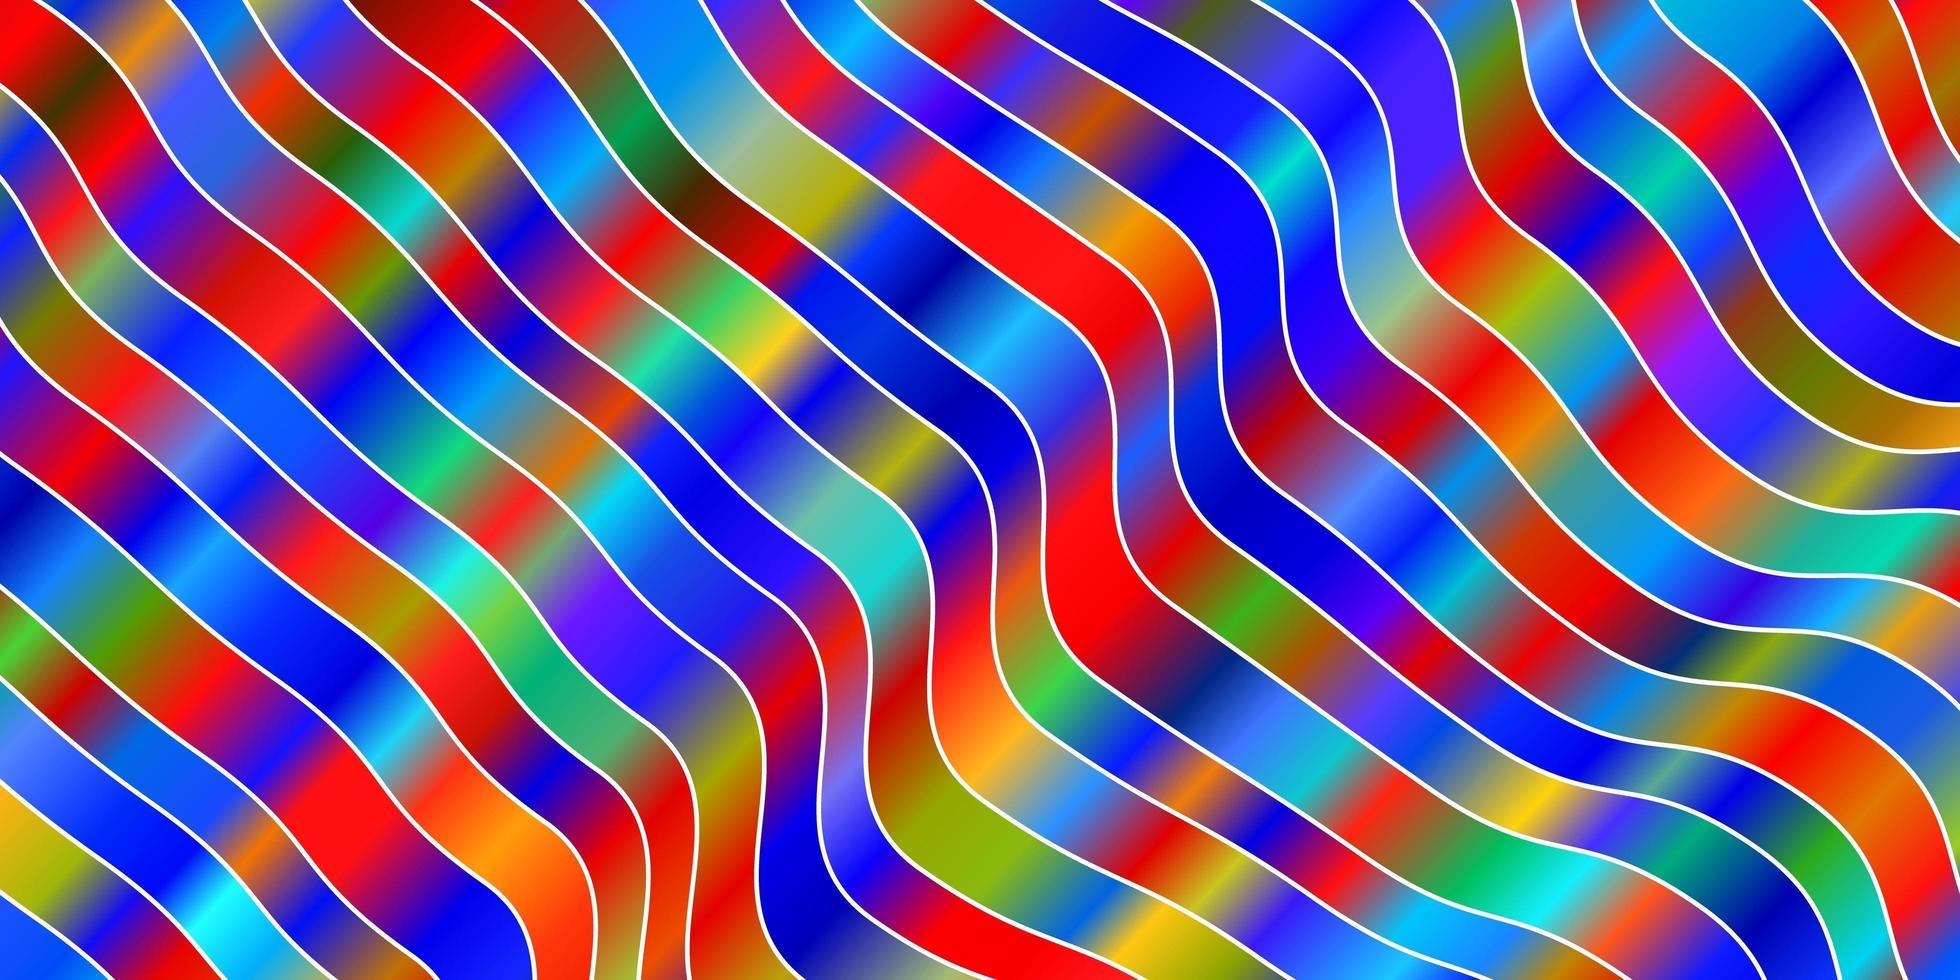 ljus flerfärgad vektormall med sneda linjer. vektor